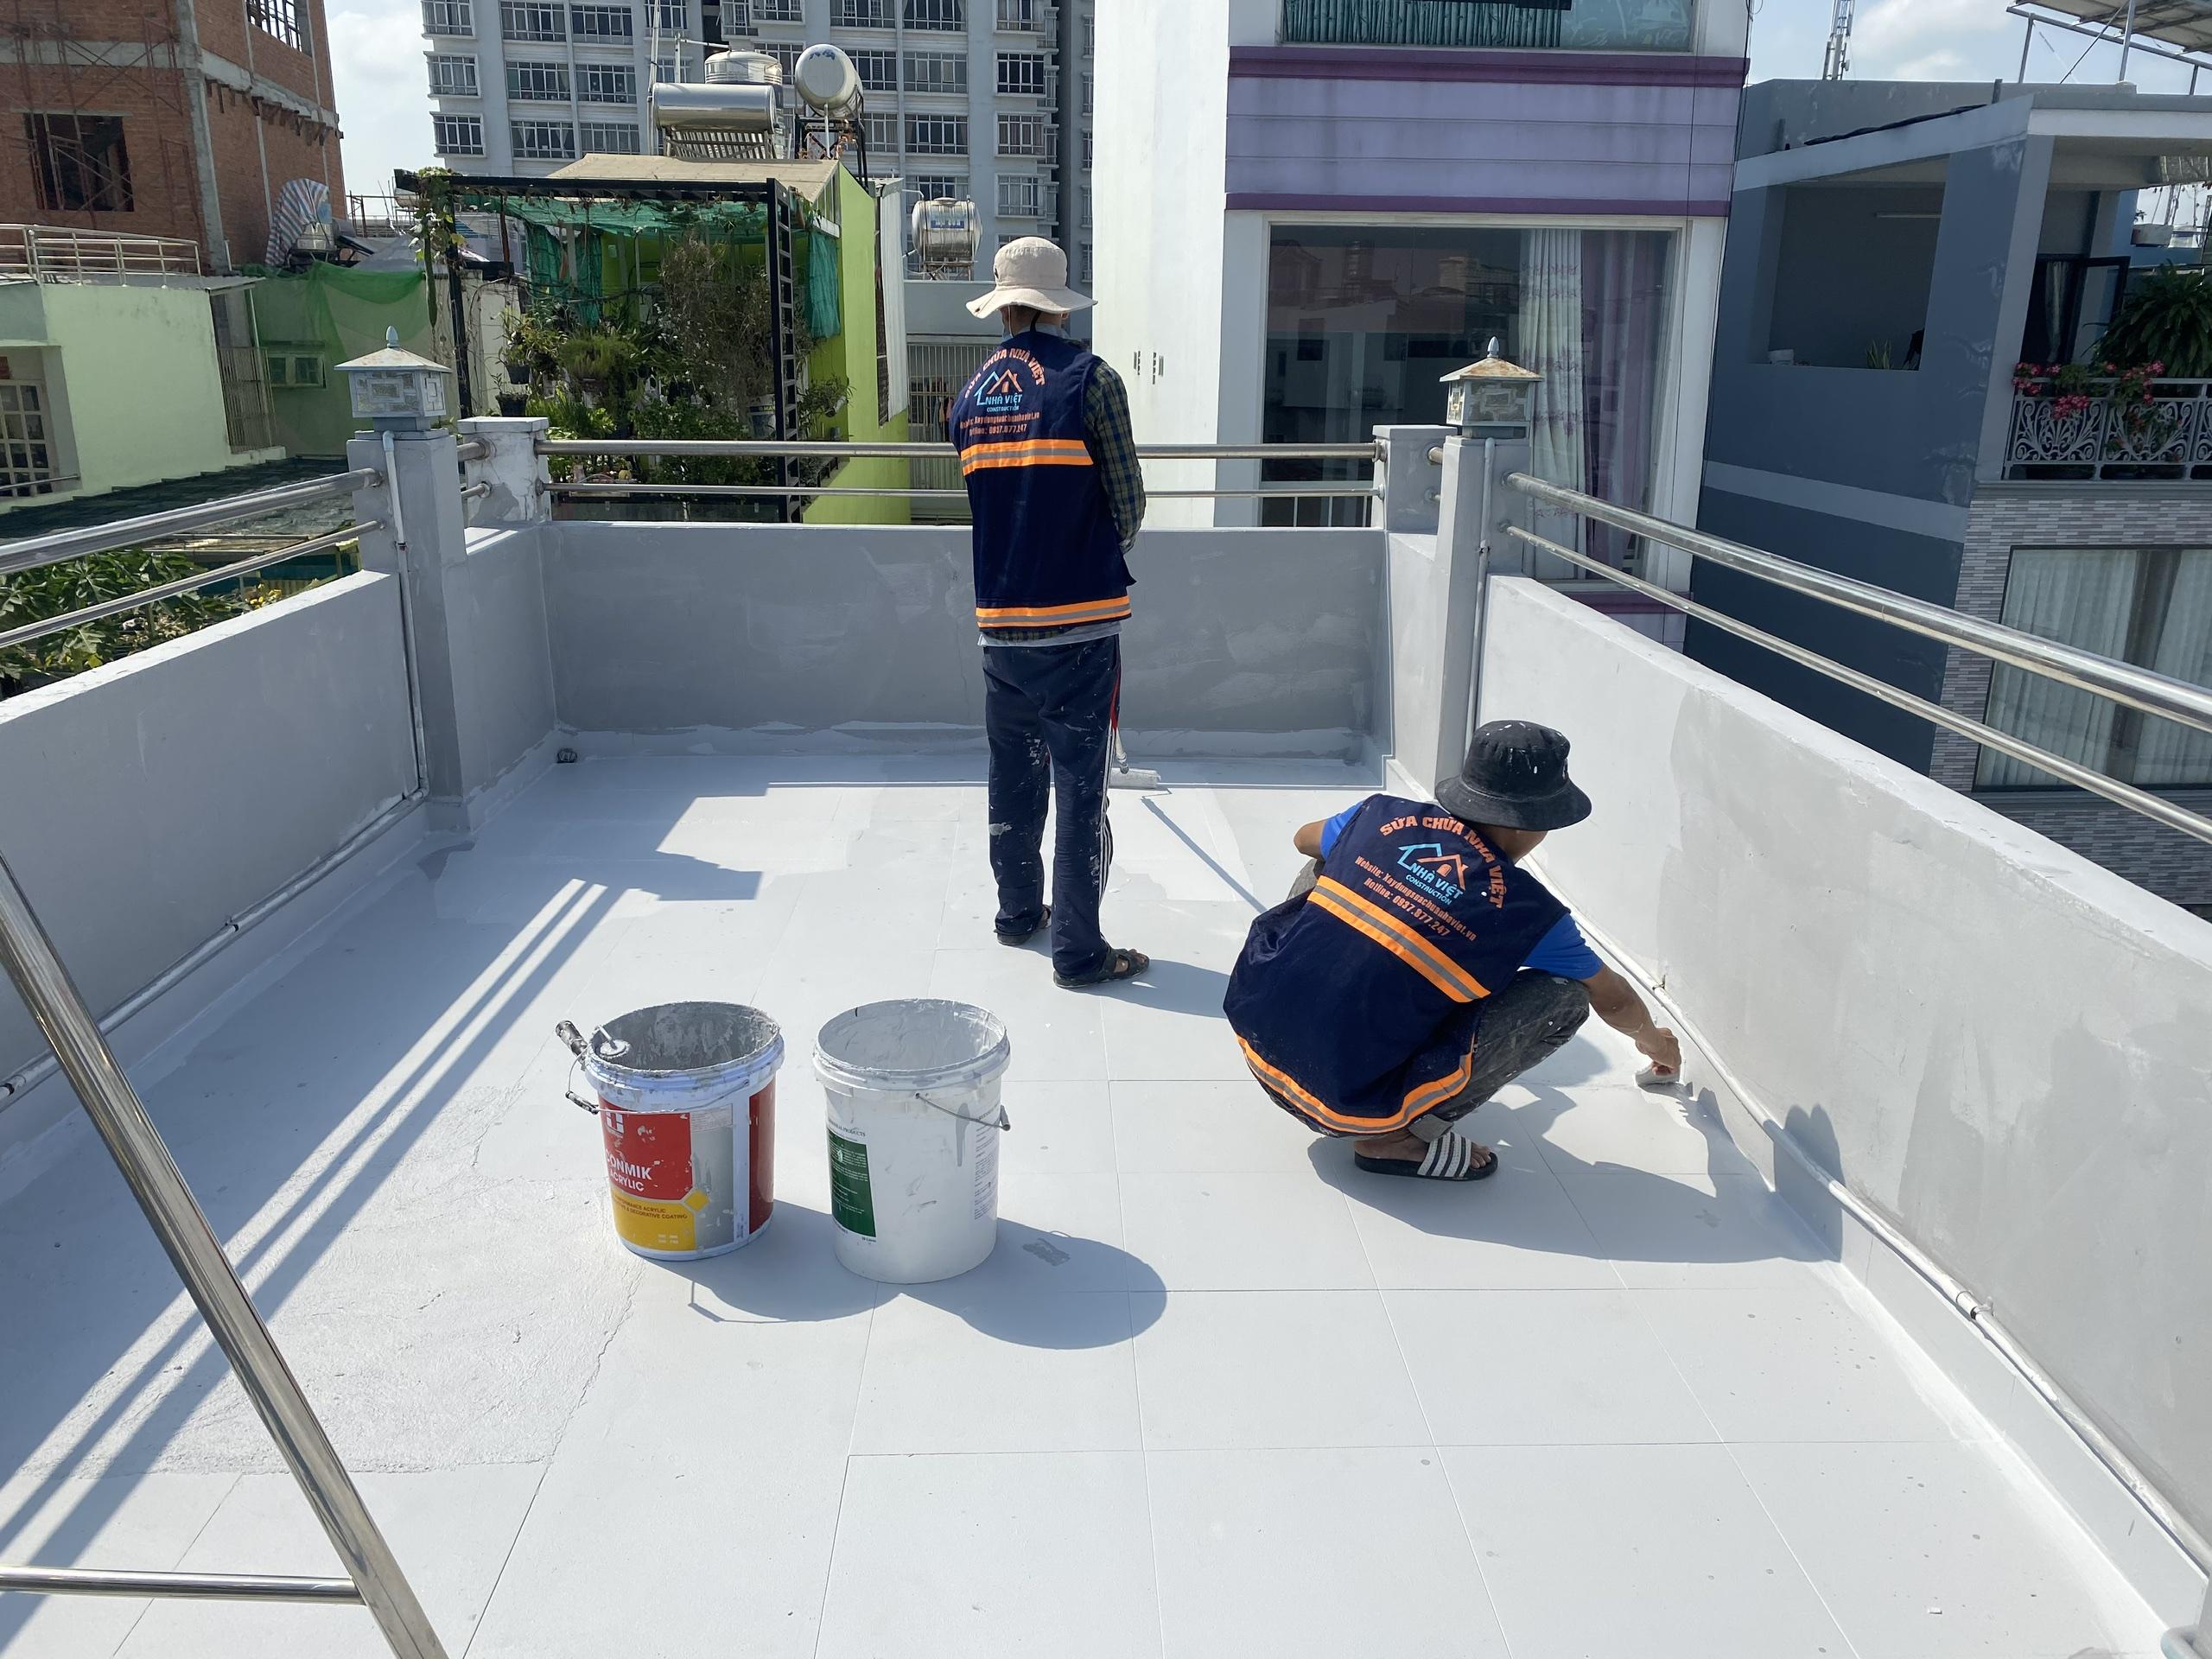 dich vu chong tham san thuong chung cu biet thu 3 - Dịch vụ chống thấm sân thượng chung cư bảo hành 5 năm